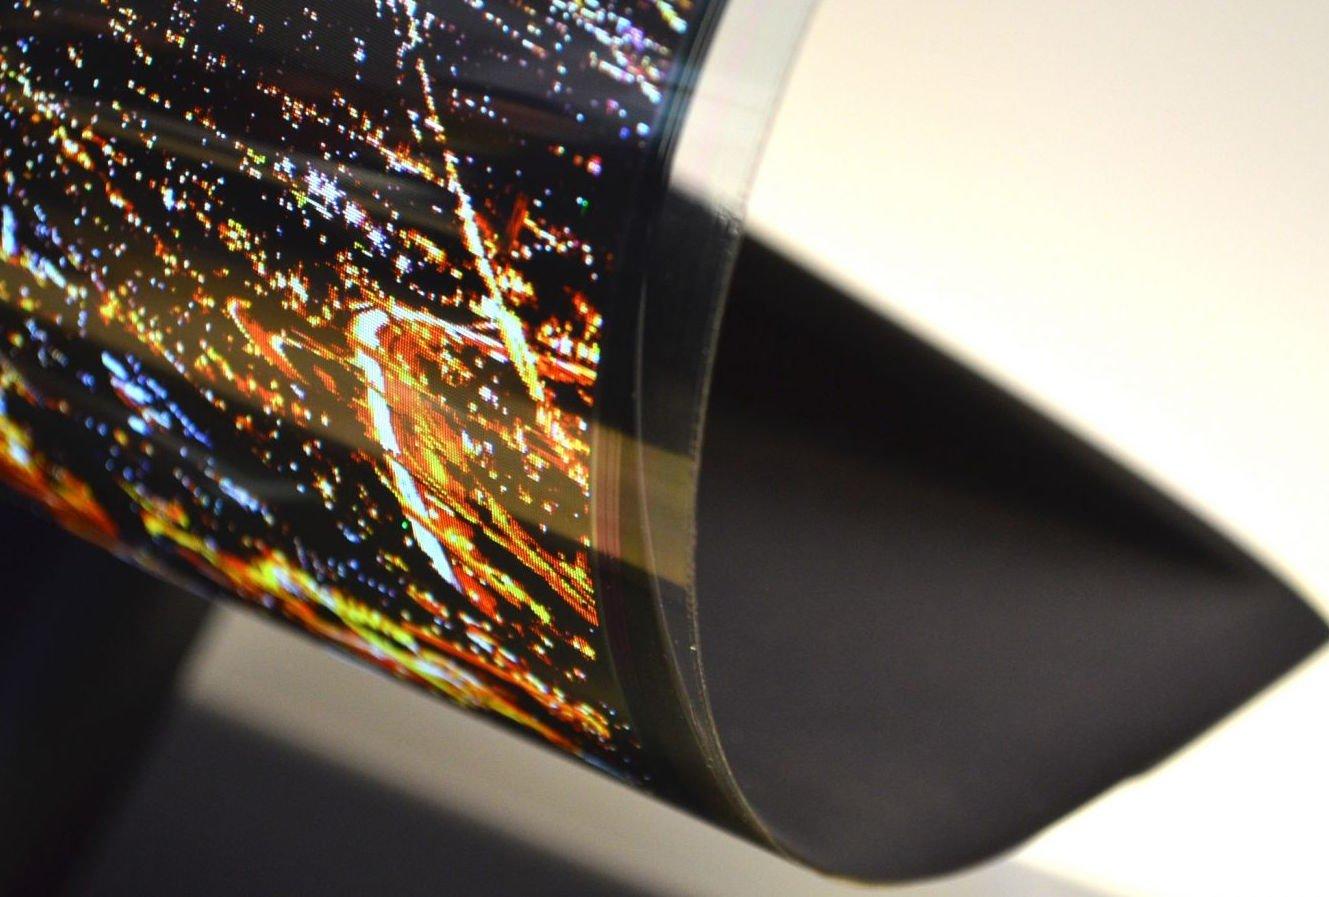 LG flexible OLED